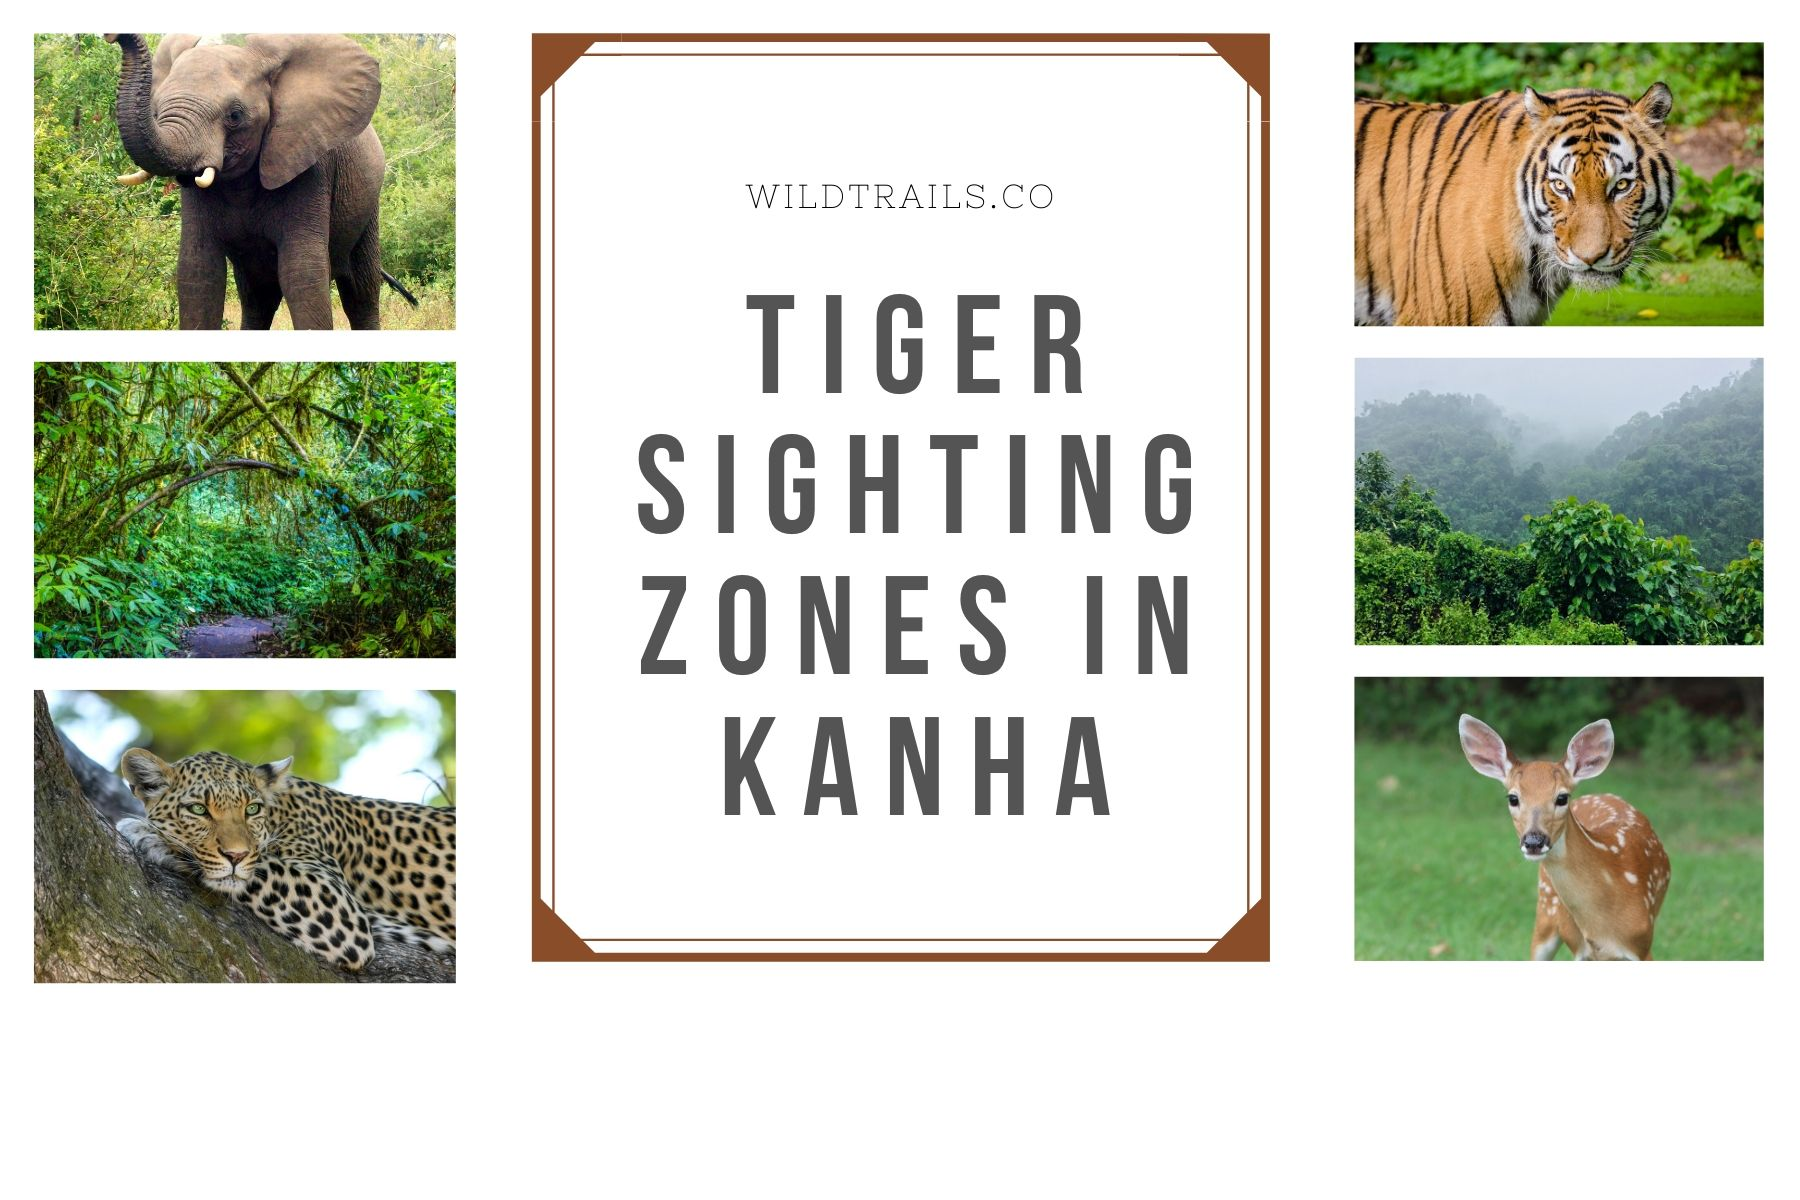 Kanha TiGERS